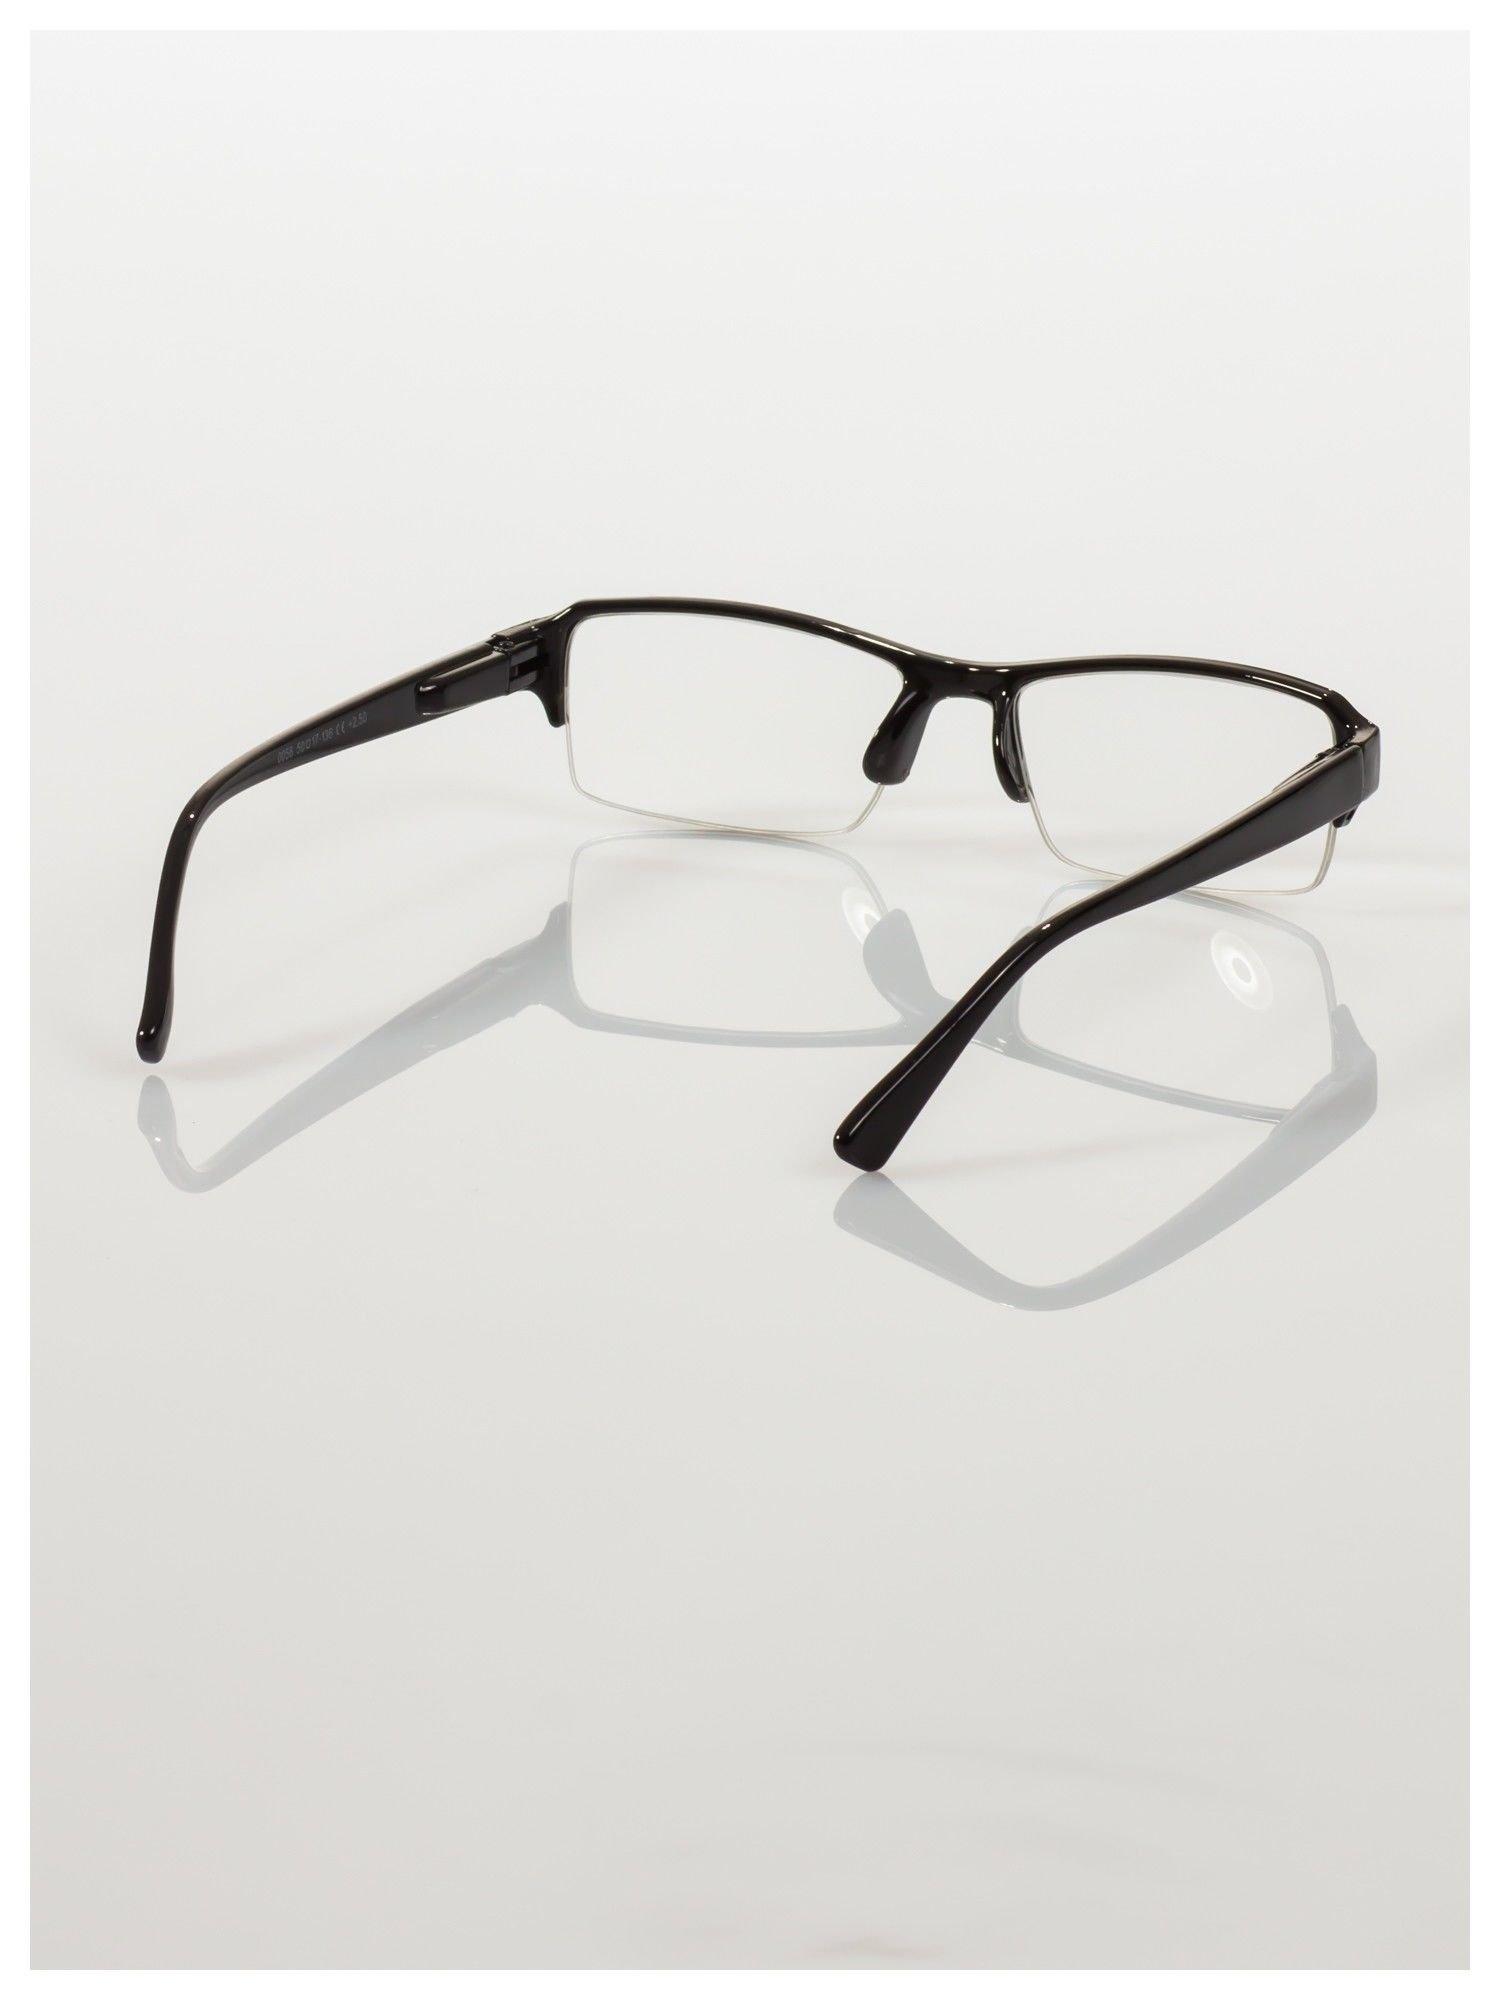 Okulary korekcyjne +3.0 D do czytania z systemem FLEX na zausznikach +GRATIS PLASTIKOWE ETUI I ŚCIERECZKA Z MIKROFIBRY                                  zdj.                                  5